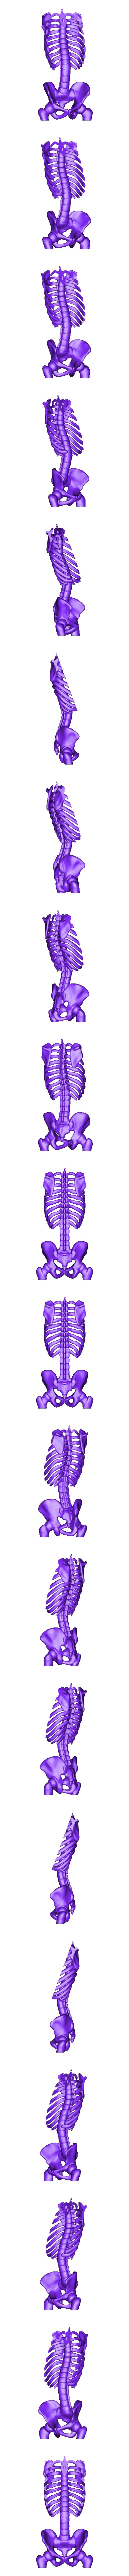 thorax_back_skel.stl Télécharger fichier STL gratuit Squelette humain • Objet imprimable en 3D, Cornbald